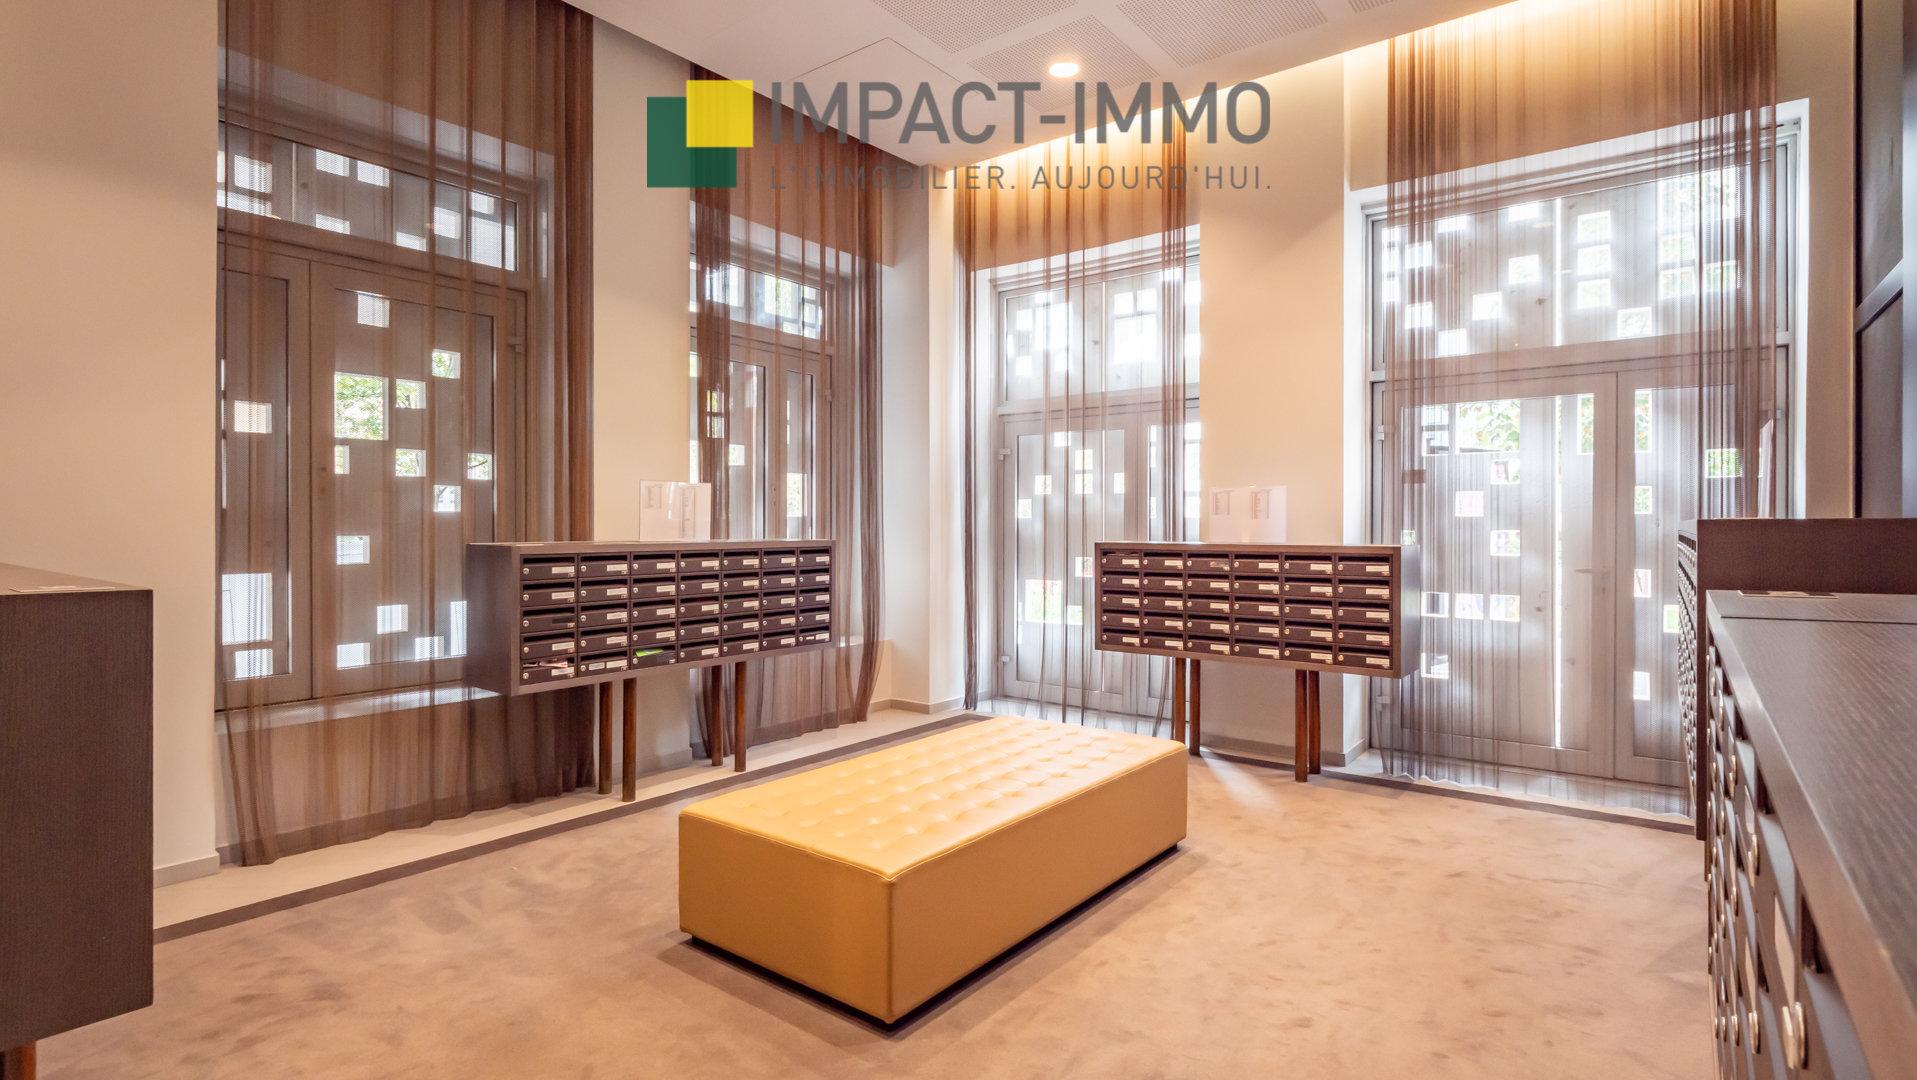 A vendre 2p. étage élevé Balcon Vue dégagée